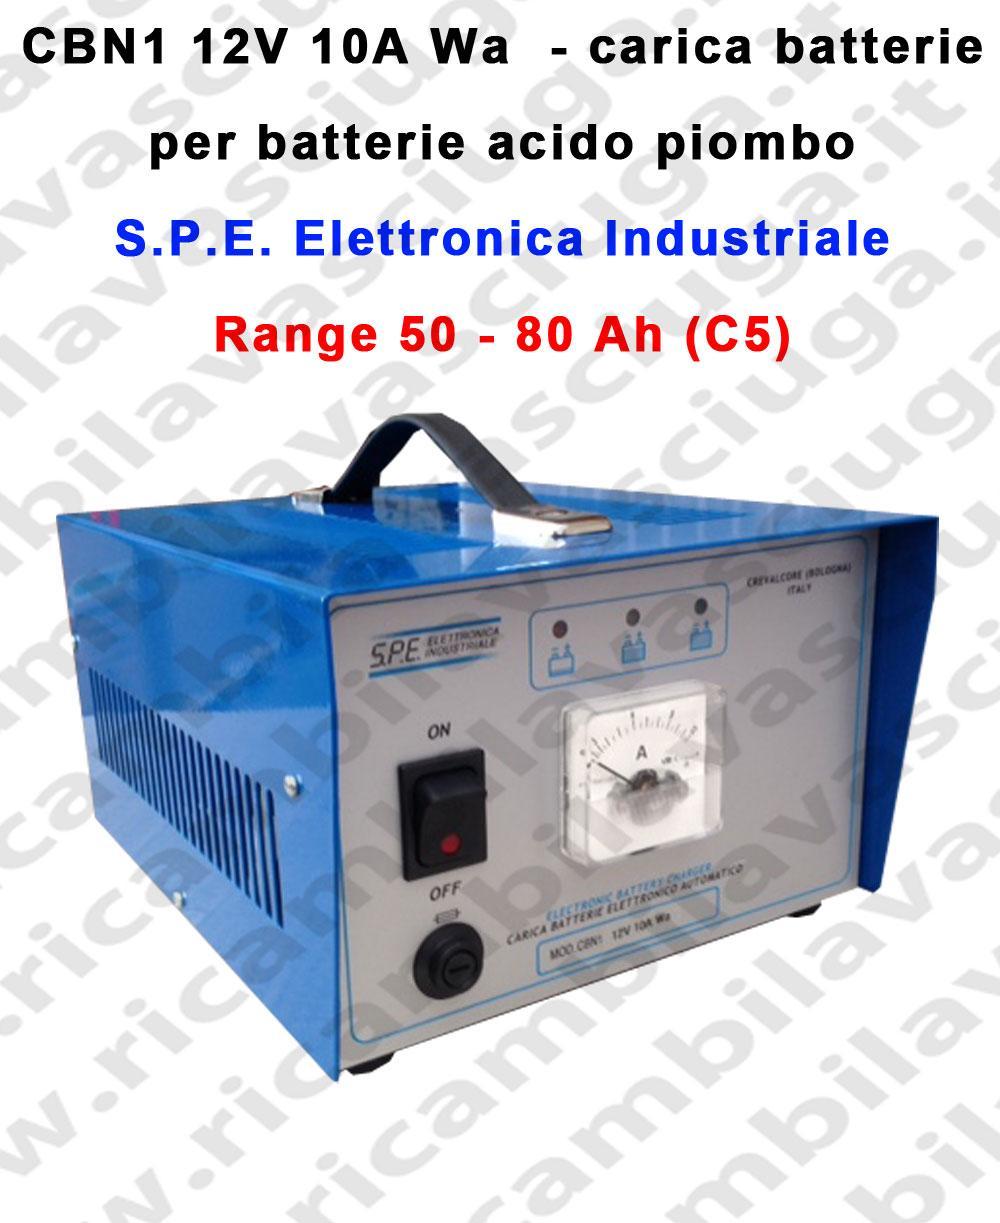 Carica batterie Mod: CBN1 12V 10A Wa per batterie acido piombo S.P.E.